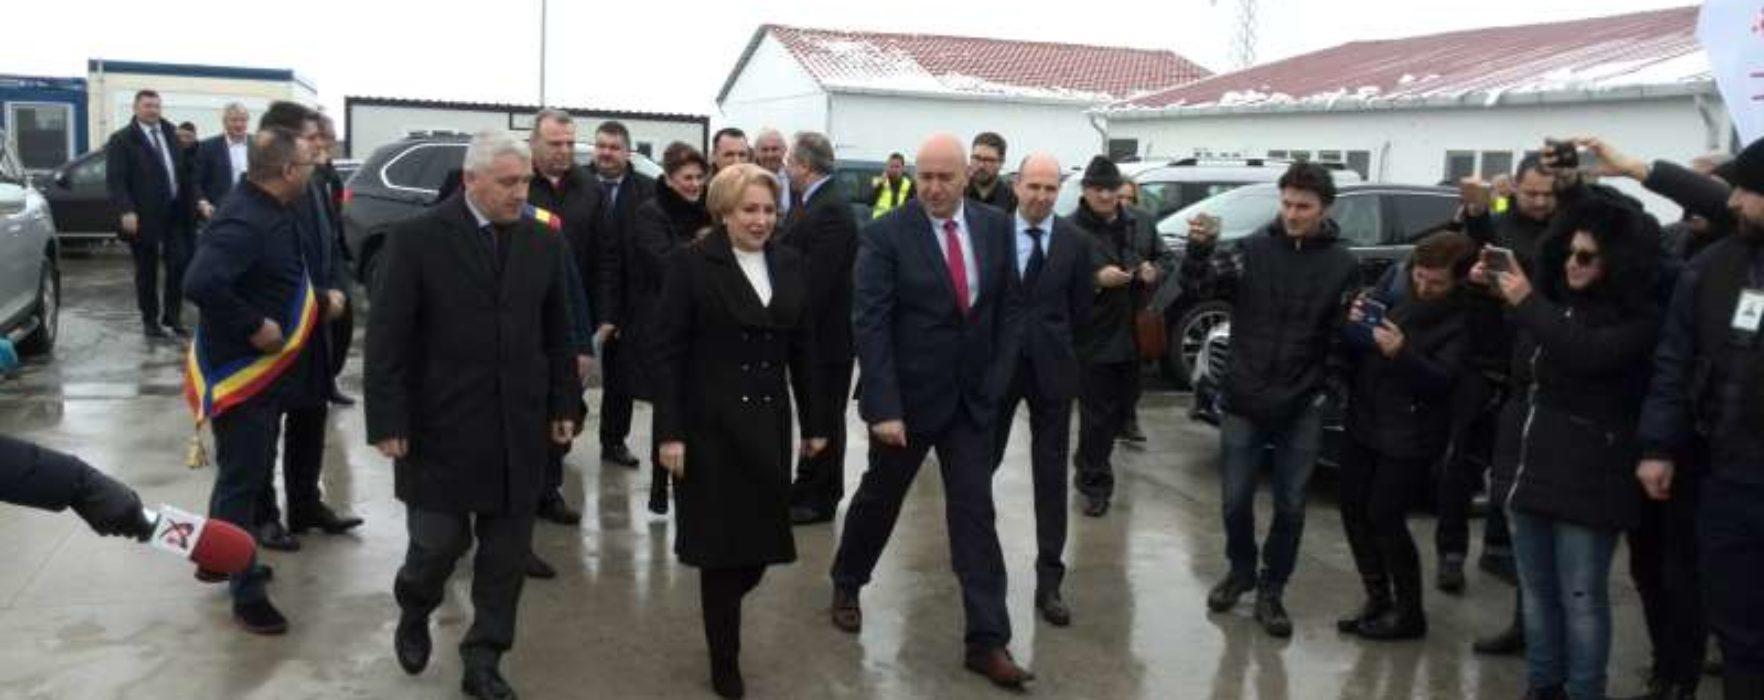 Viorica Dăncilă, la Târgovişte: Voi lucra cu miniştrii pentru soluţii ca România să devină un loc din ce în ce mai atractiv pentru investiţii